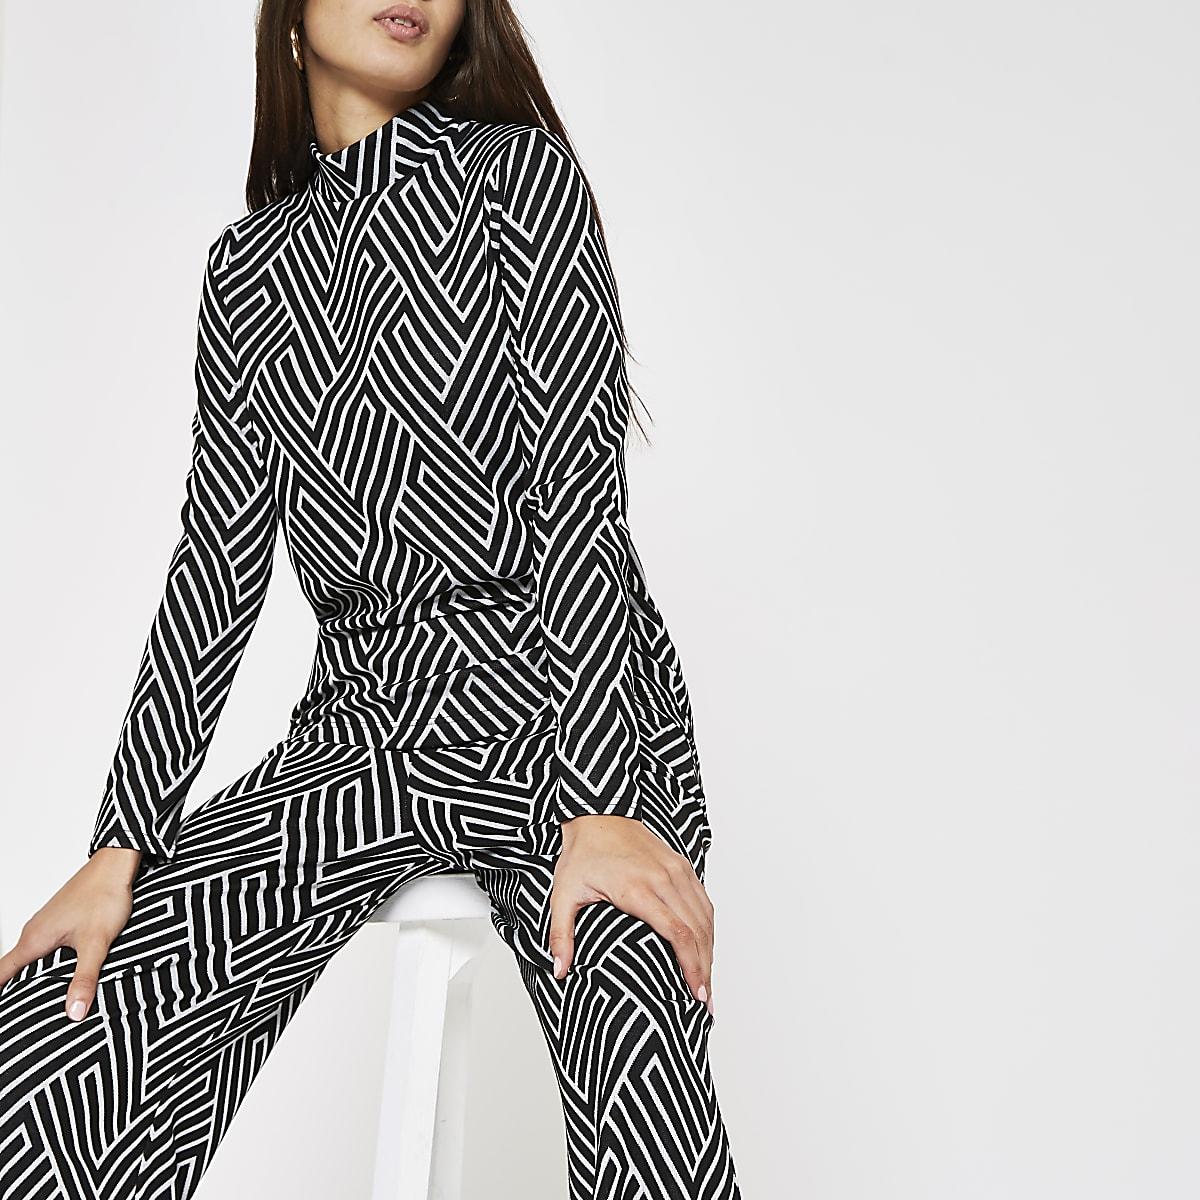 Zwarte hoogsluitende top met geometrische print